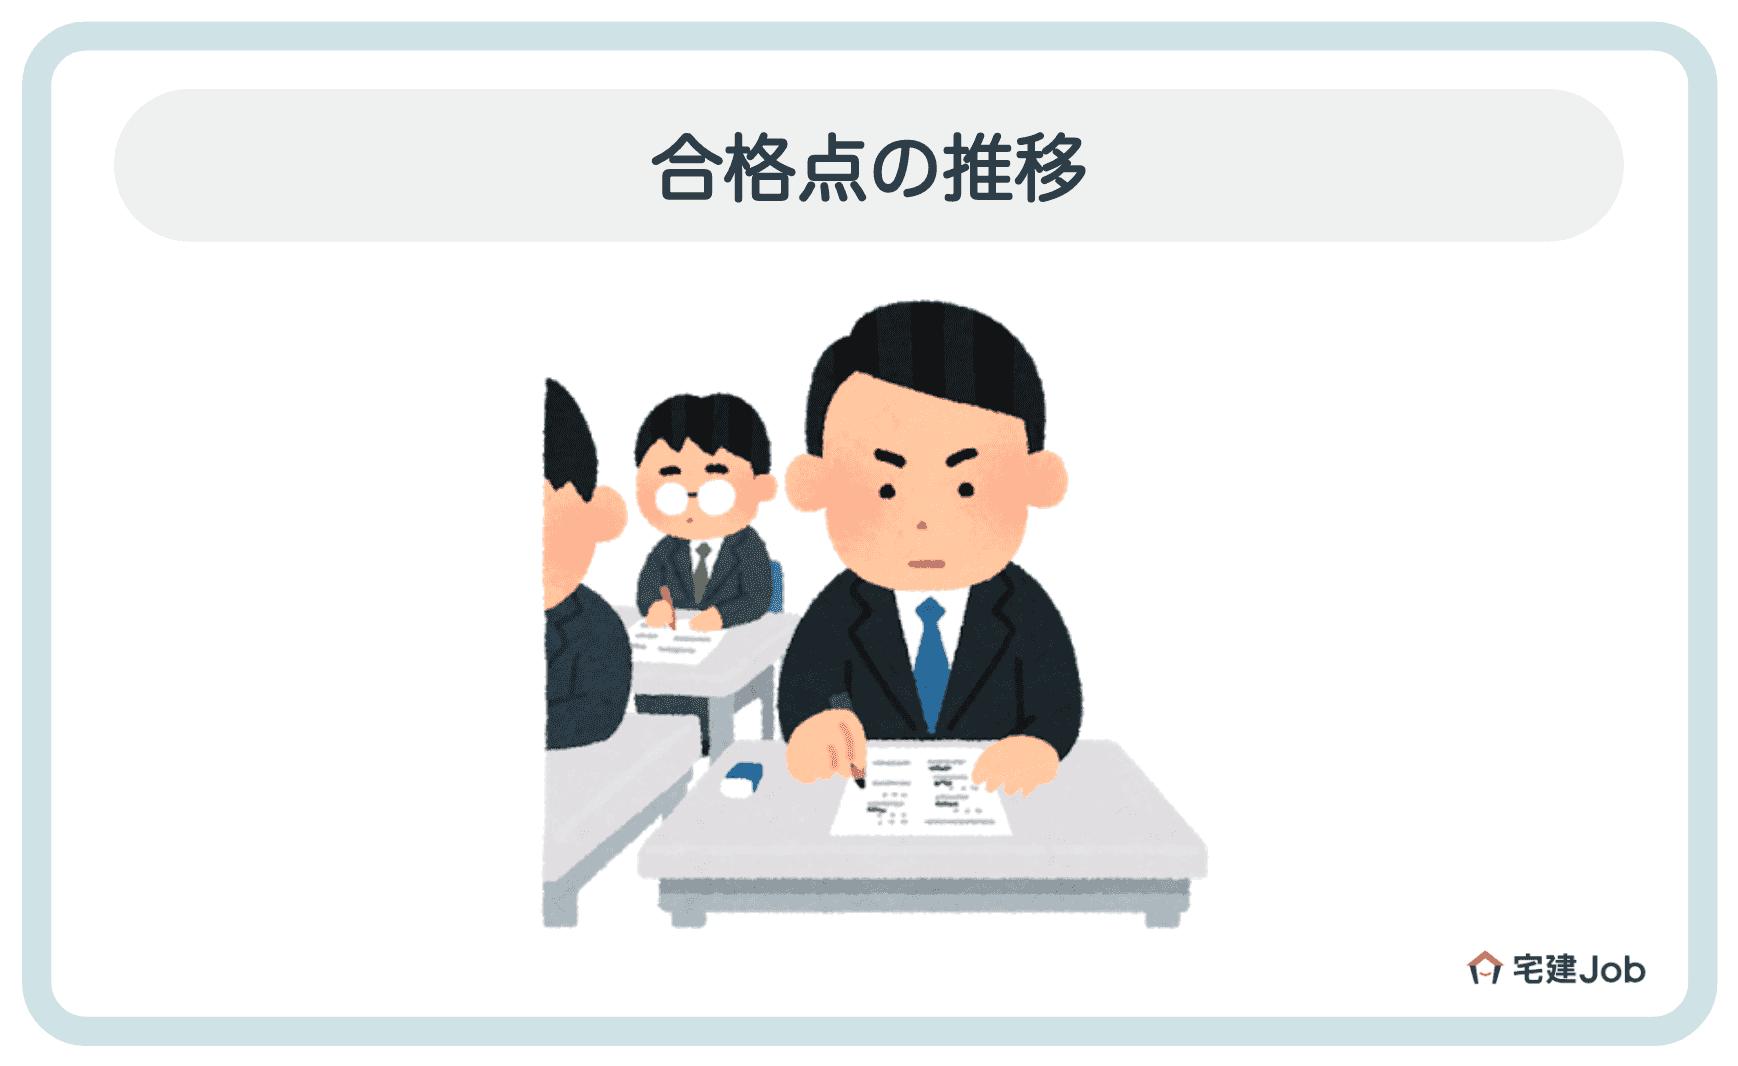 2.管理業務主任者試験の合格点の推移